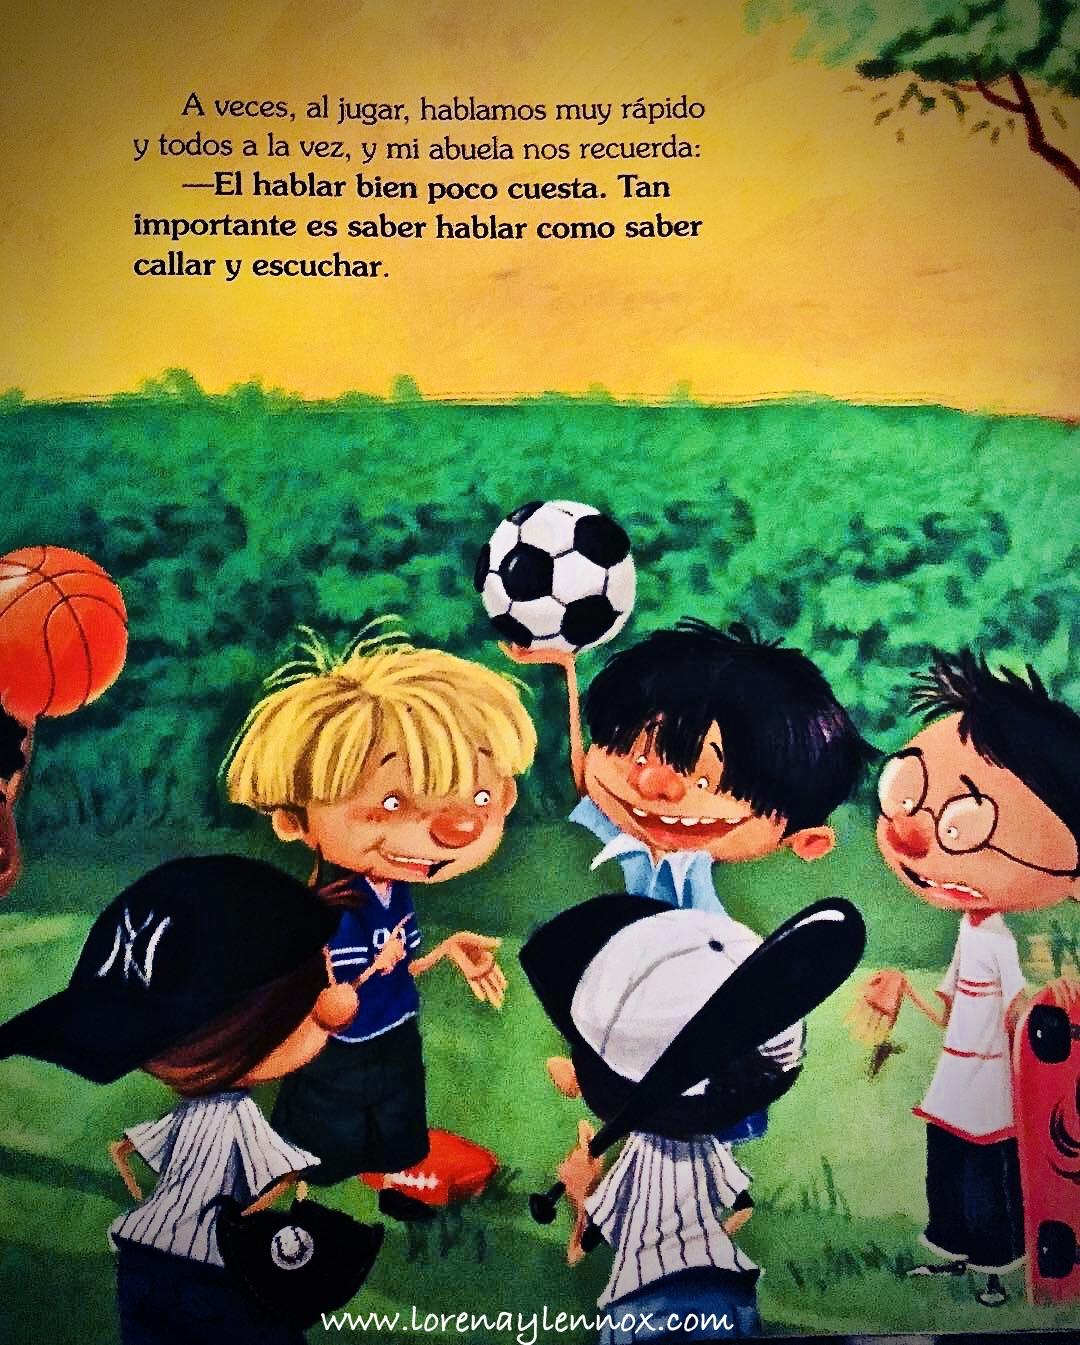 ¡Qué cosas dice mi abuela! Children's spanish book